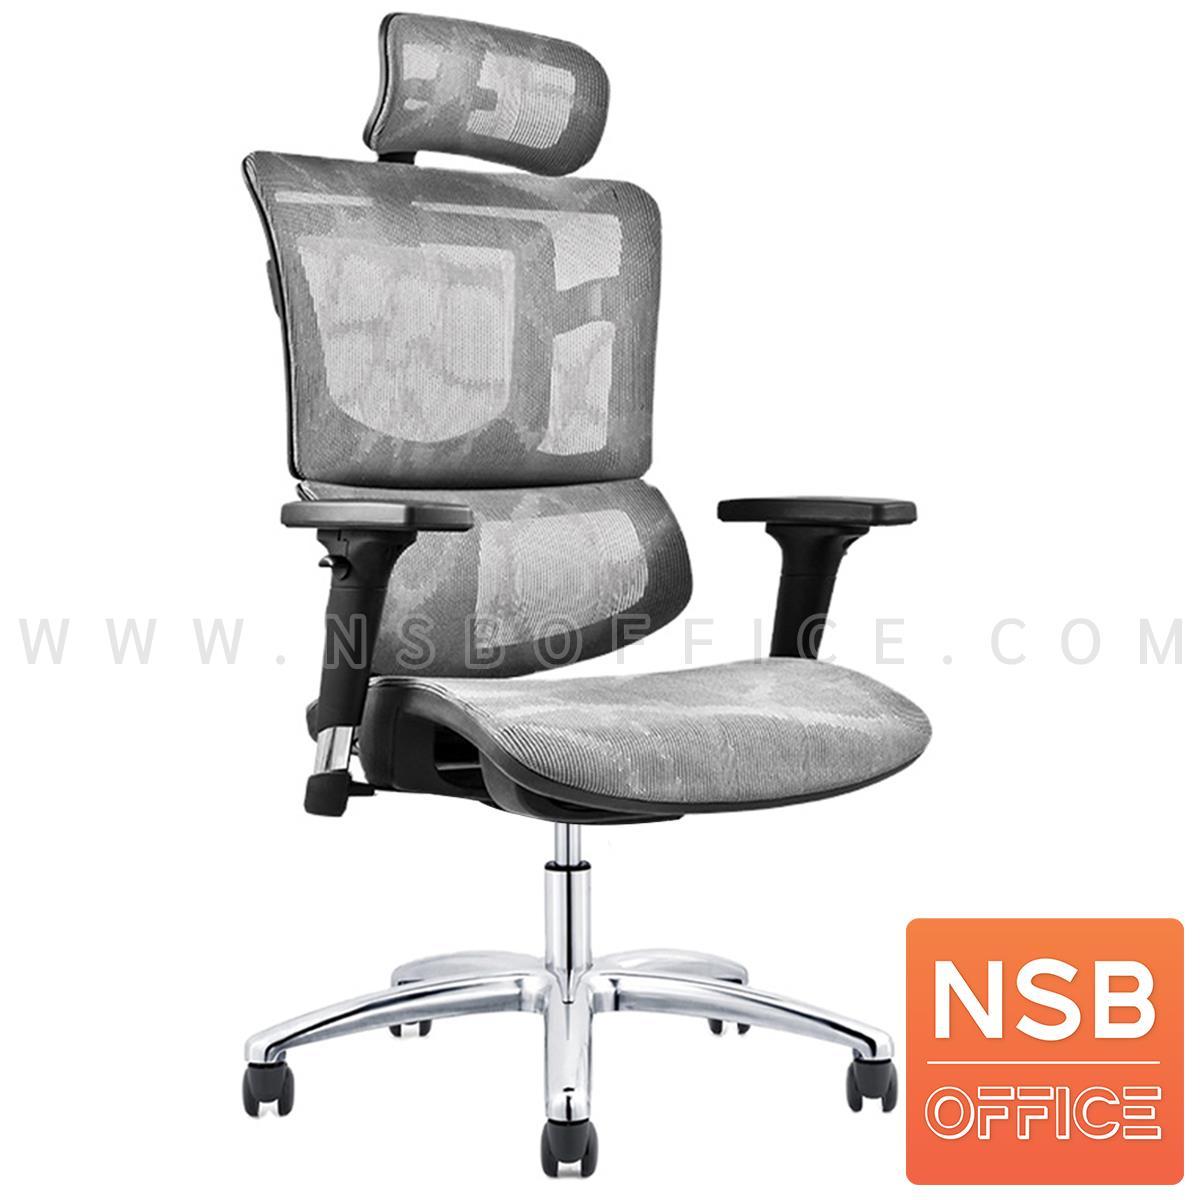 B28A118:เก้าอี้เพื่อสุขภาพ รุ่น Ergonomic trendy-A  เคลื่อนที่ 4 ระบบ ขาอลูมินั่ม